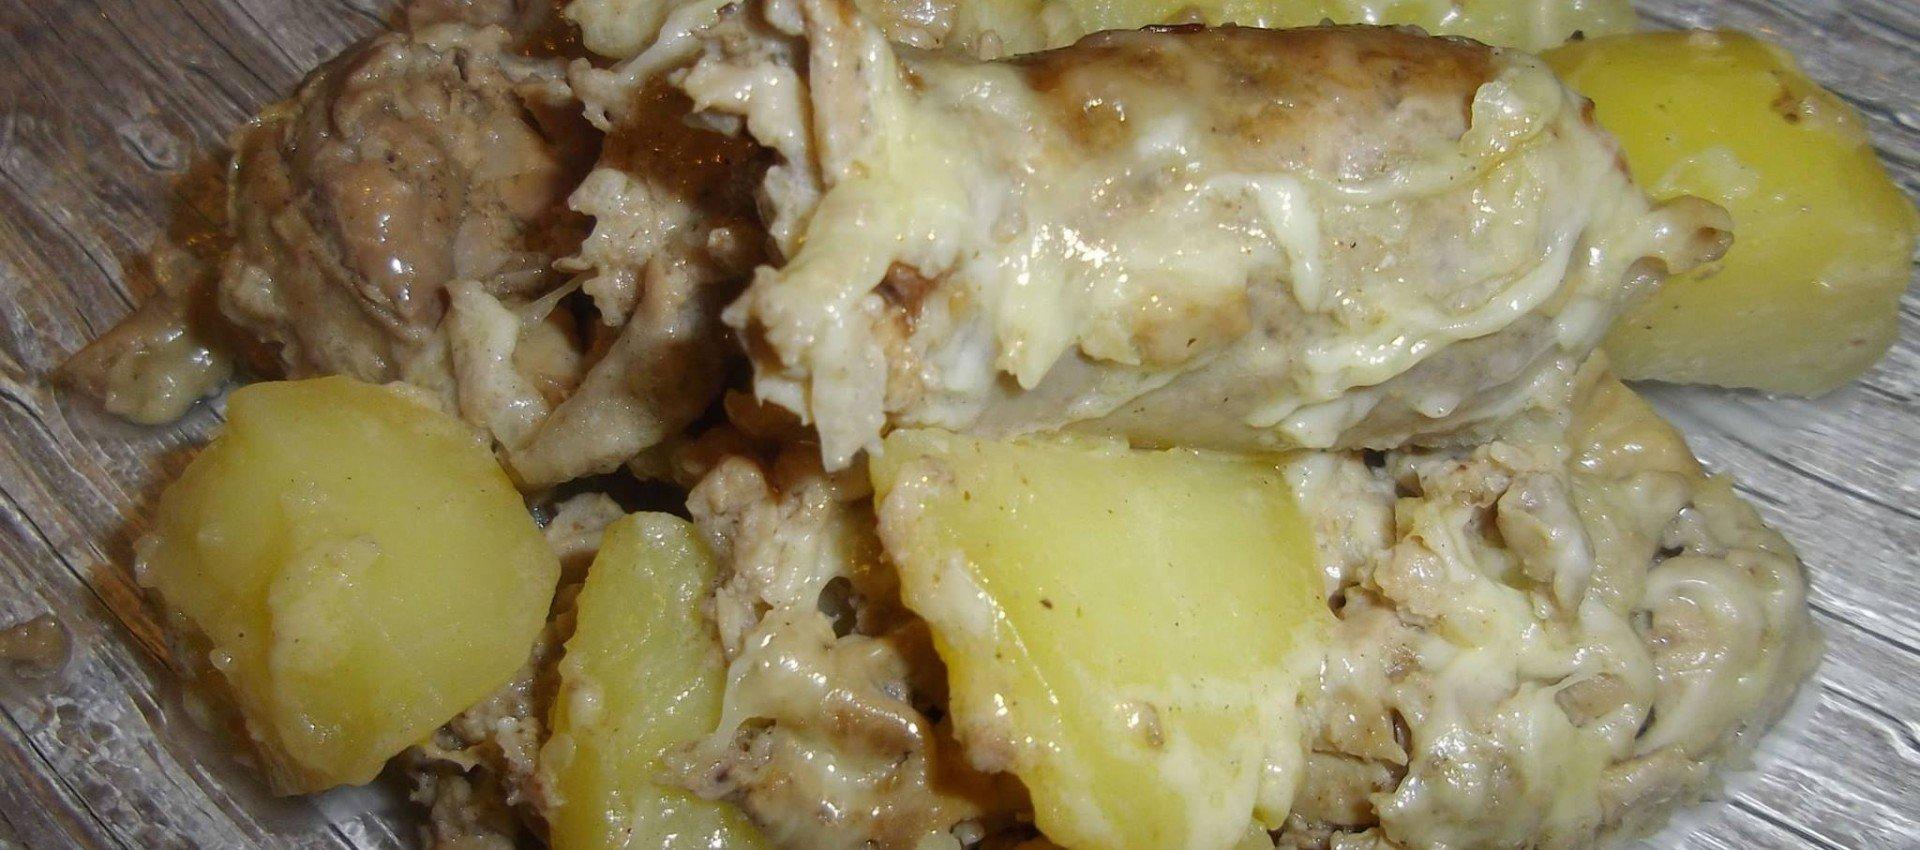 Recette andouillettes et pommes de terre au cookeo - Cuisiner des andouillettes ...